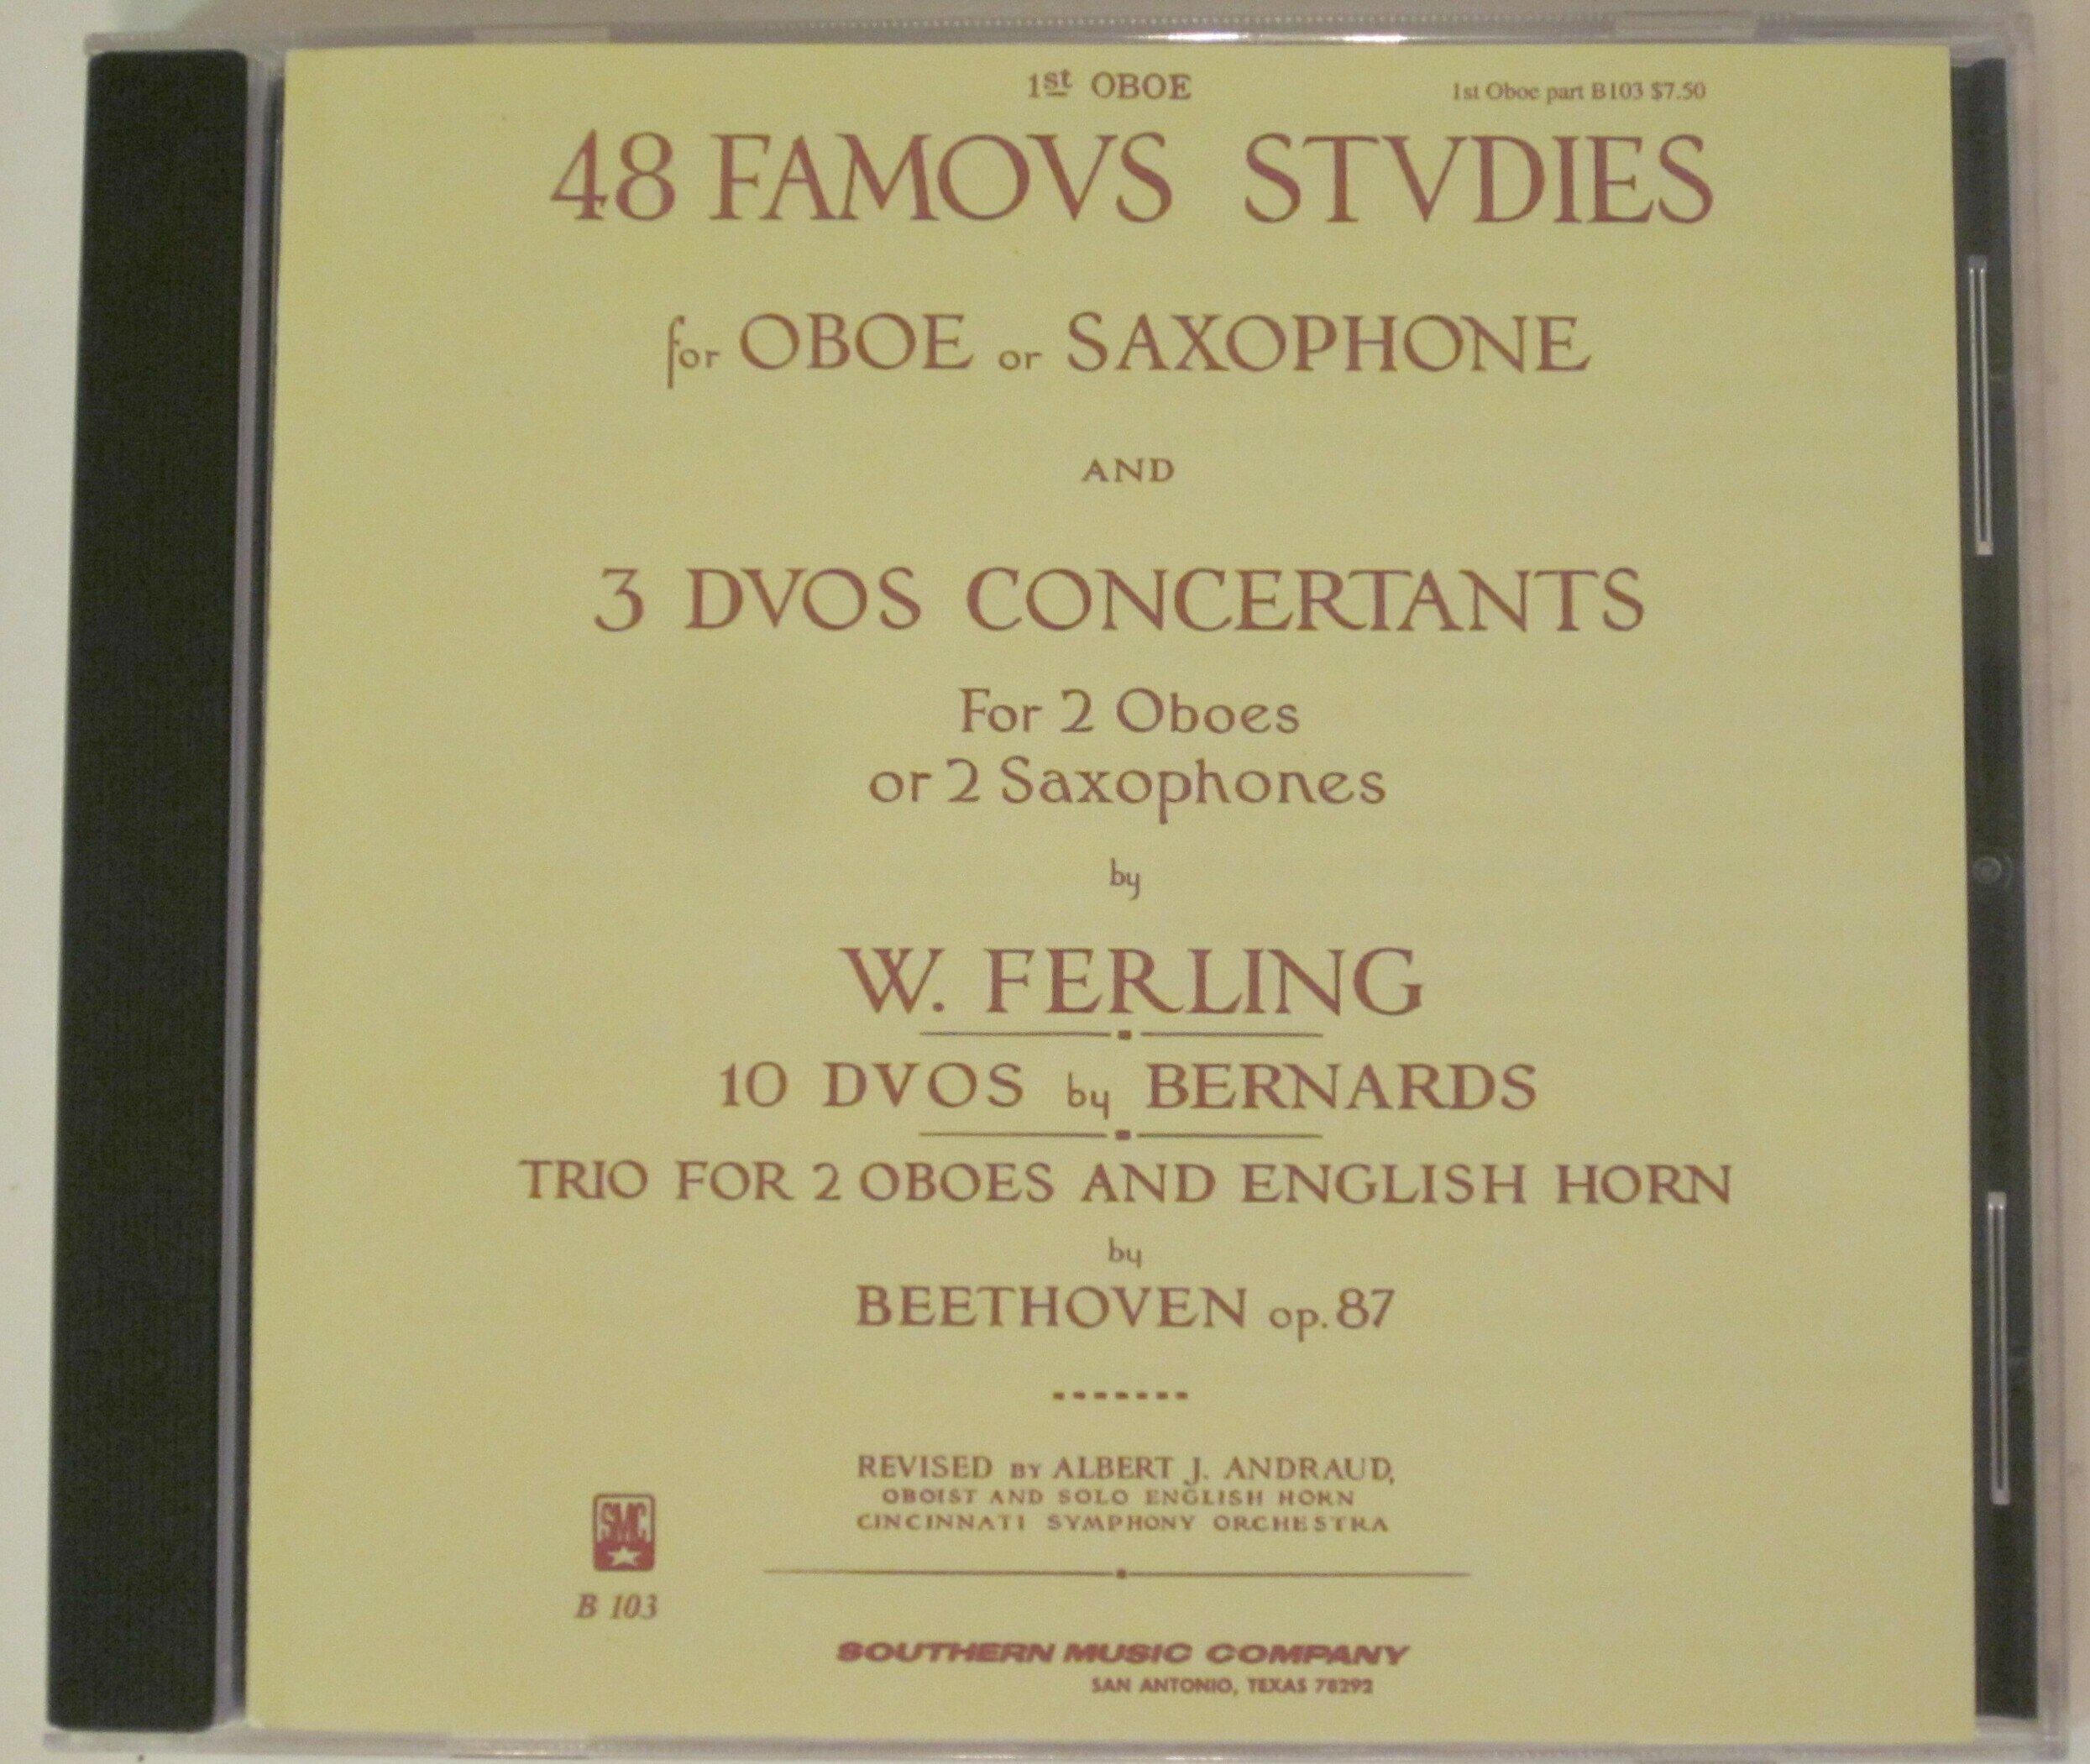 48 Famous Studies: The Complete Ferling Etudes